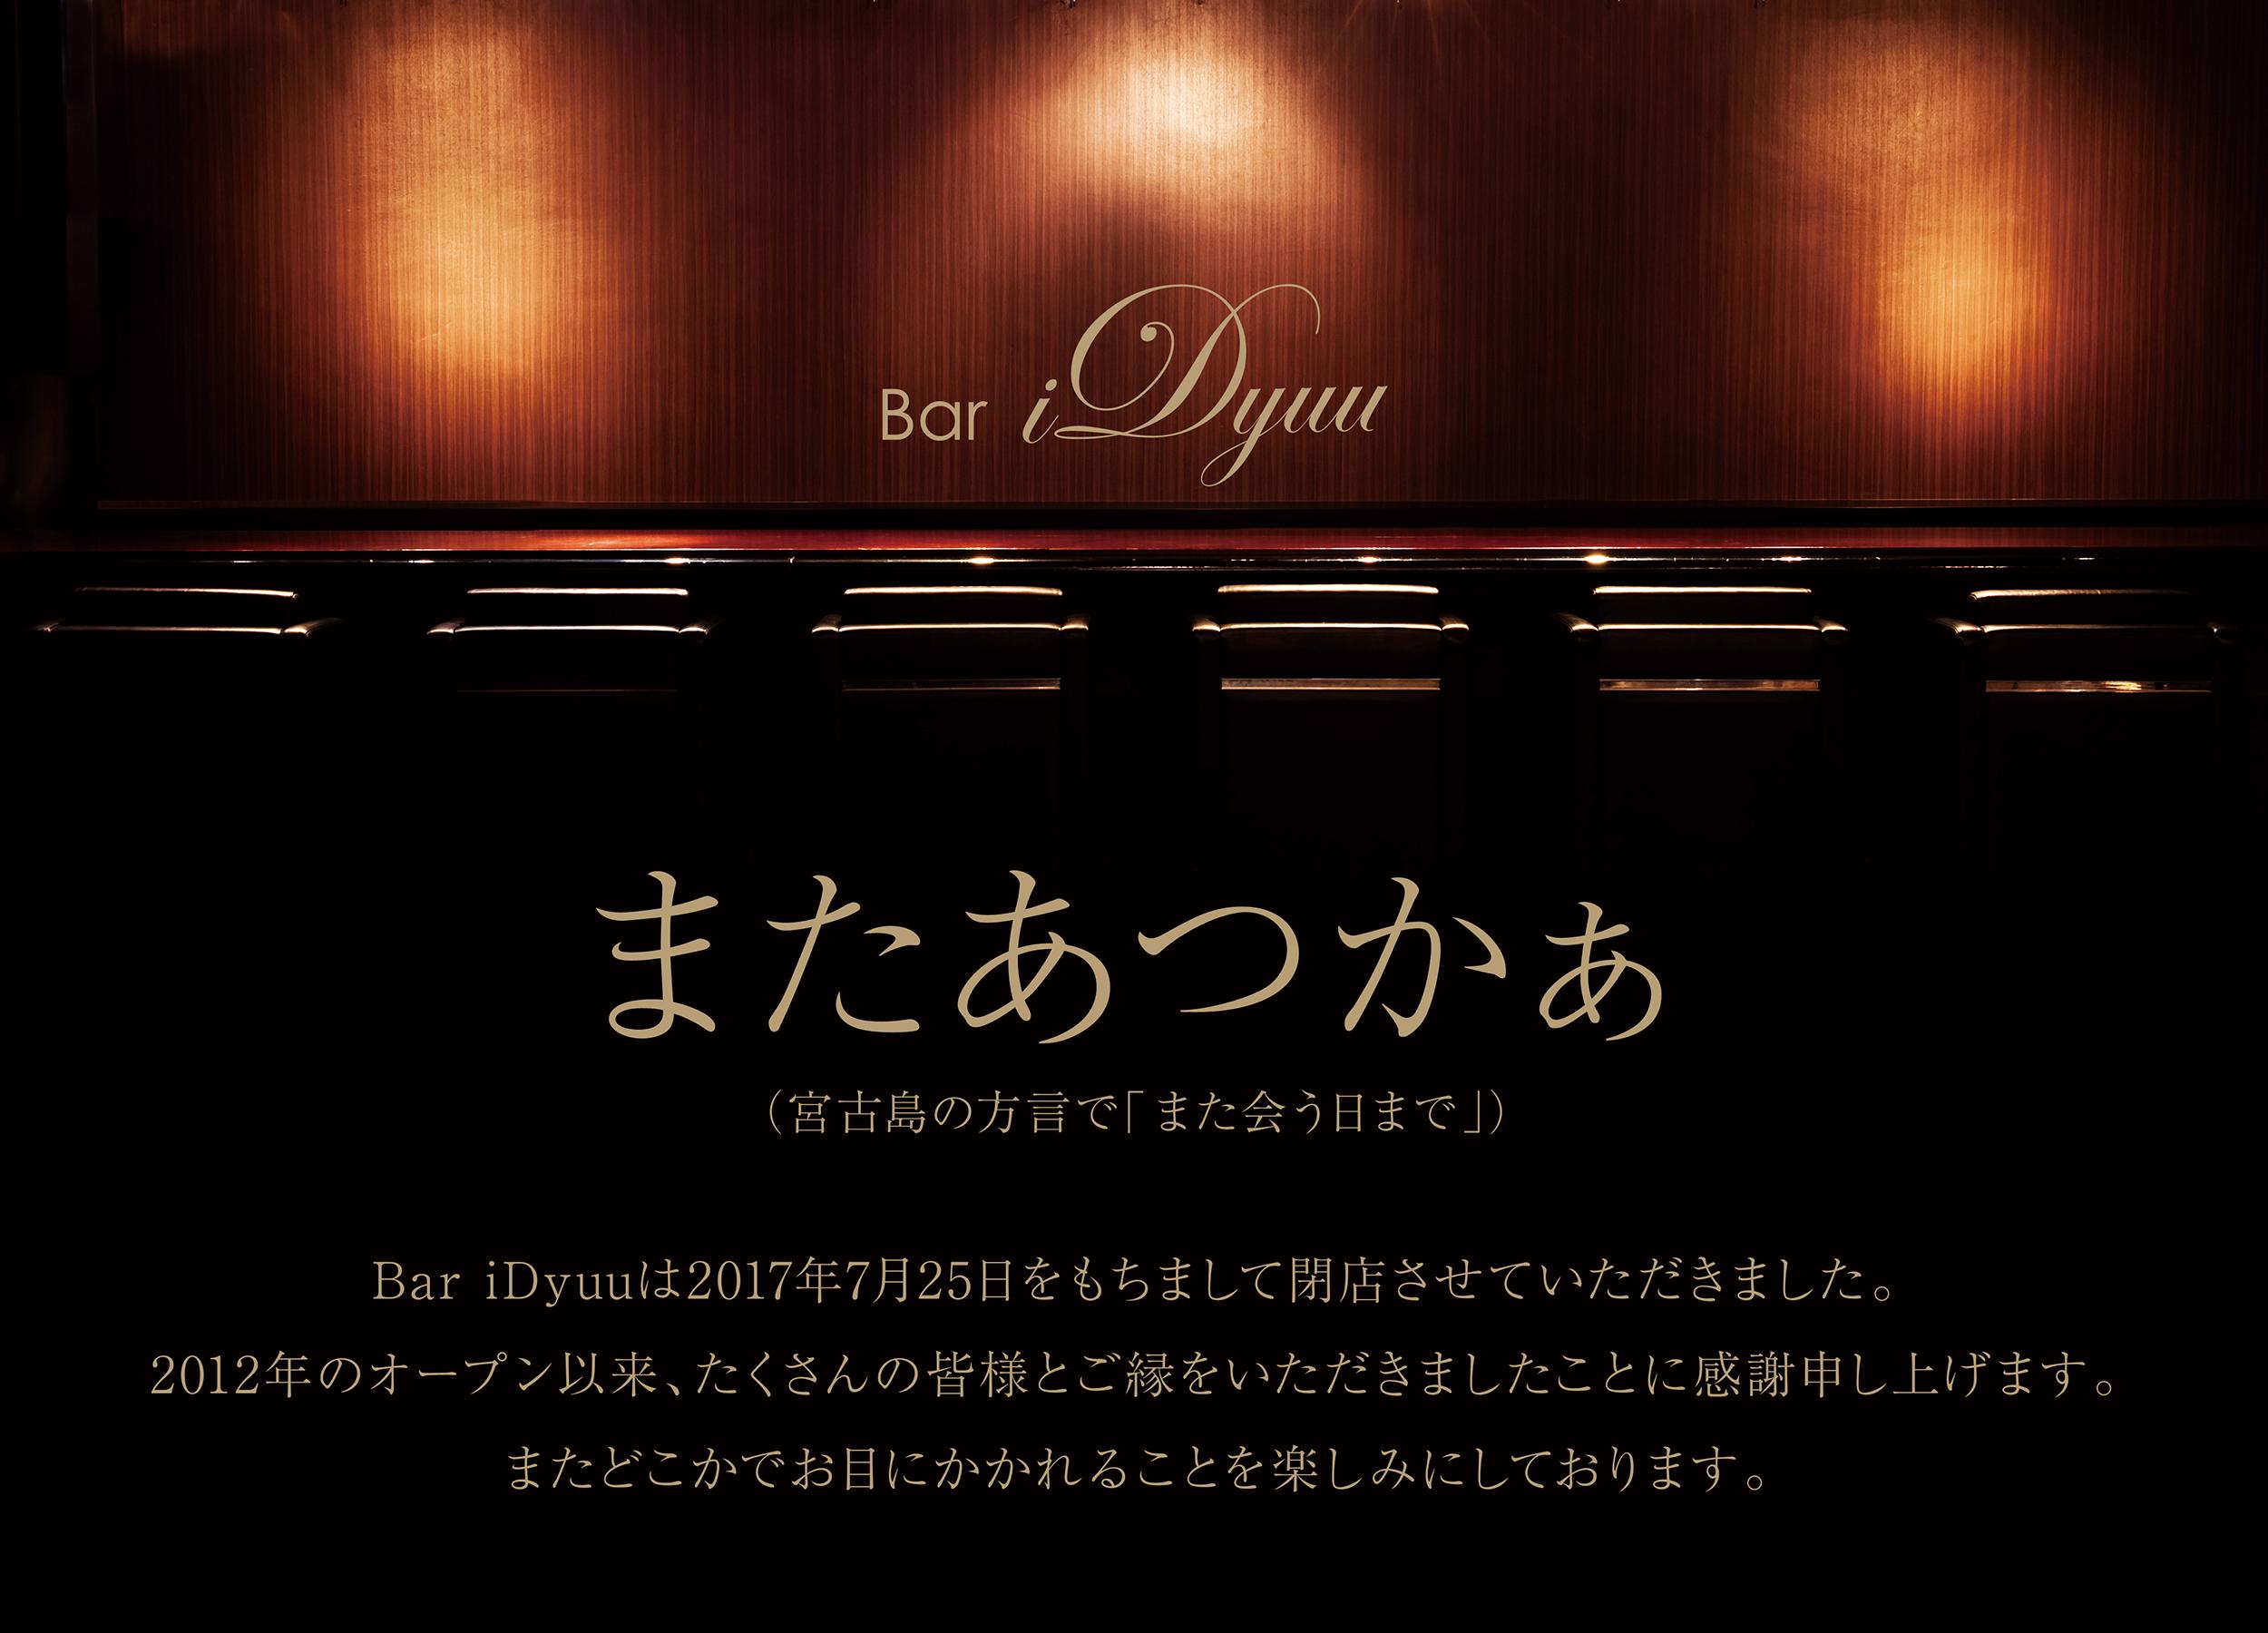 またあつかぁ(宮古島の方言で「また会う日まで」) Bar iDyuuは2017年7月25日をもちまして閉店させていただきました。2012 年のオープン以来、たくさんの皆様とご縁をいただきましたことに感謝申し上げます。またどこかでお目にかかれることを楽しみにしております。